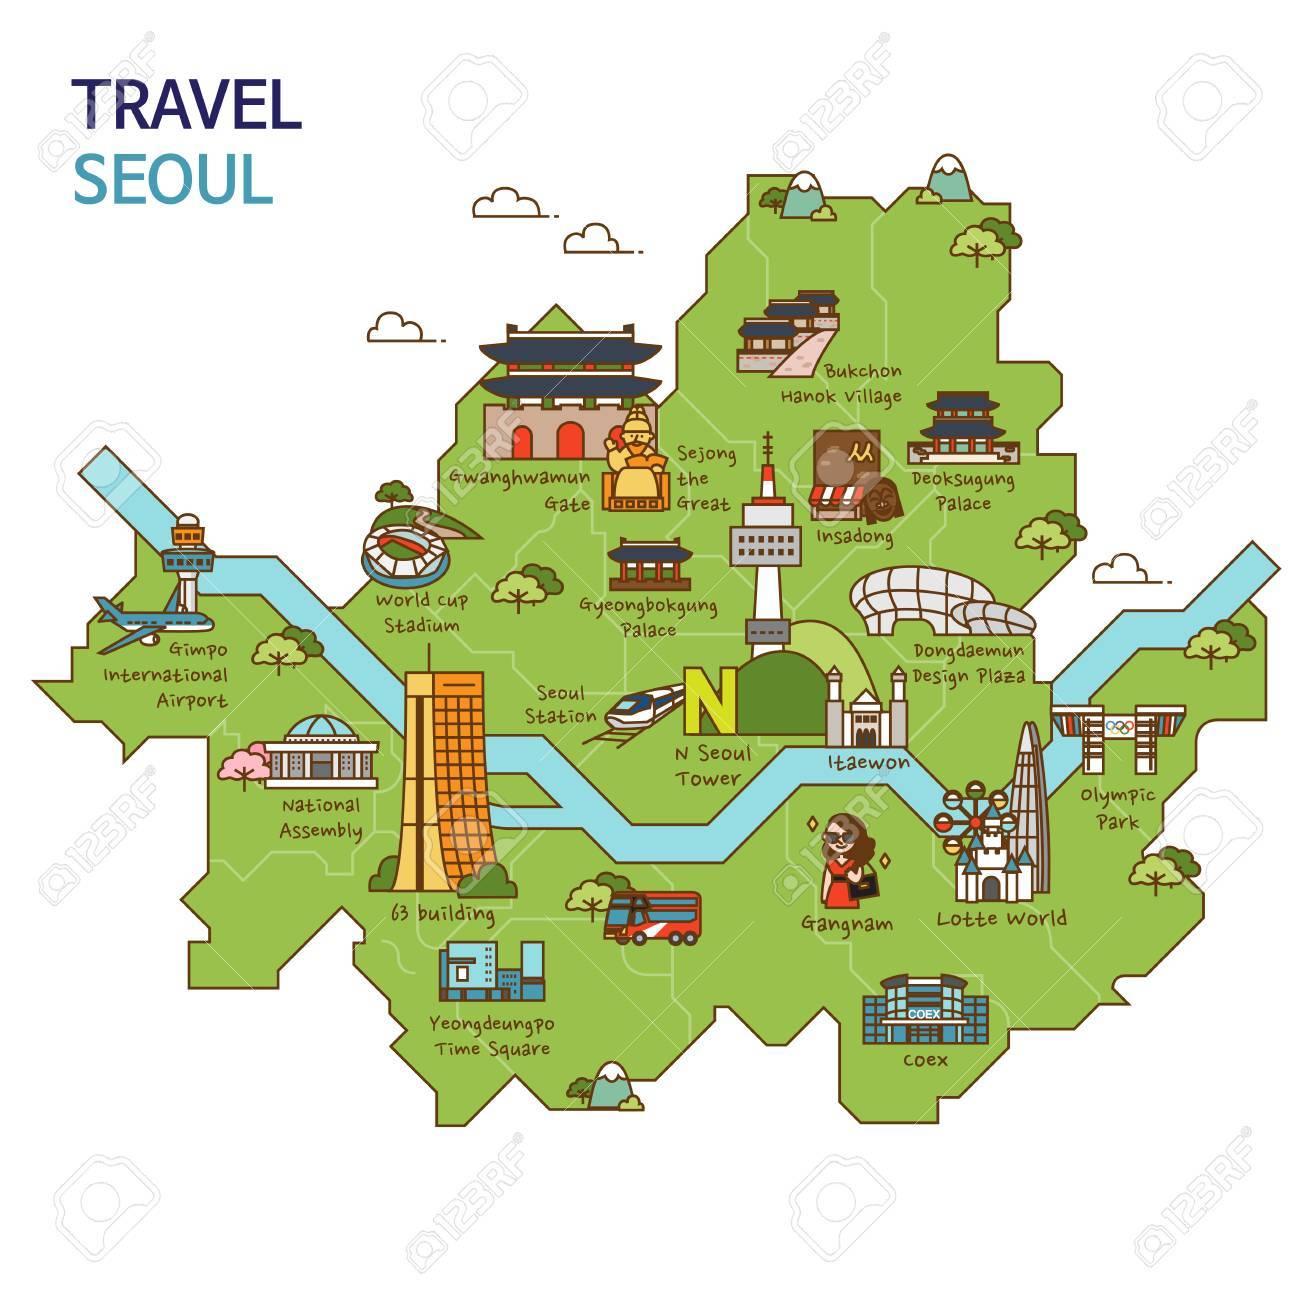 市内観光旅行地図イラスト 韓国ソウル市のイラスト素材ベクタ